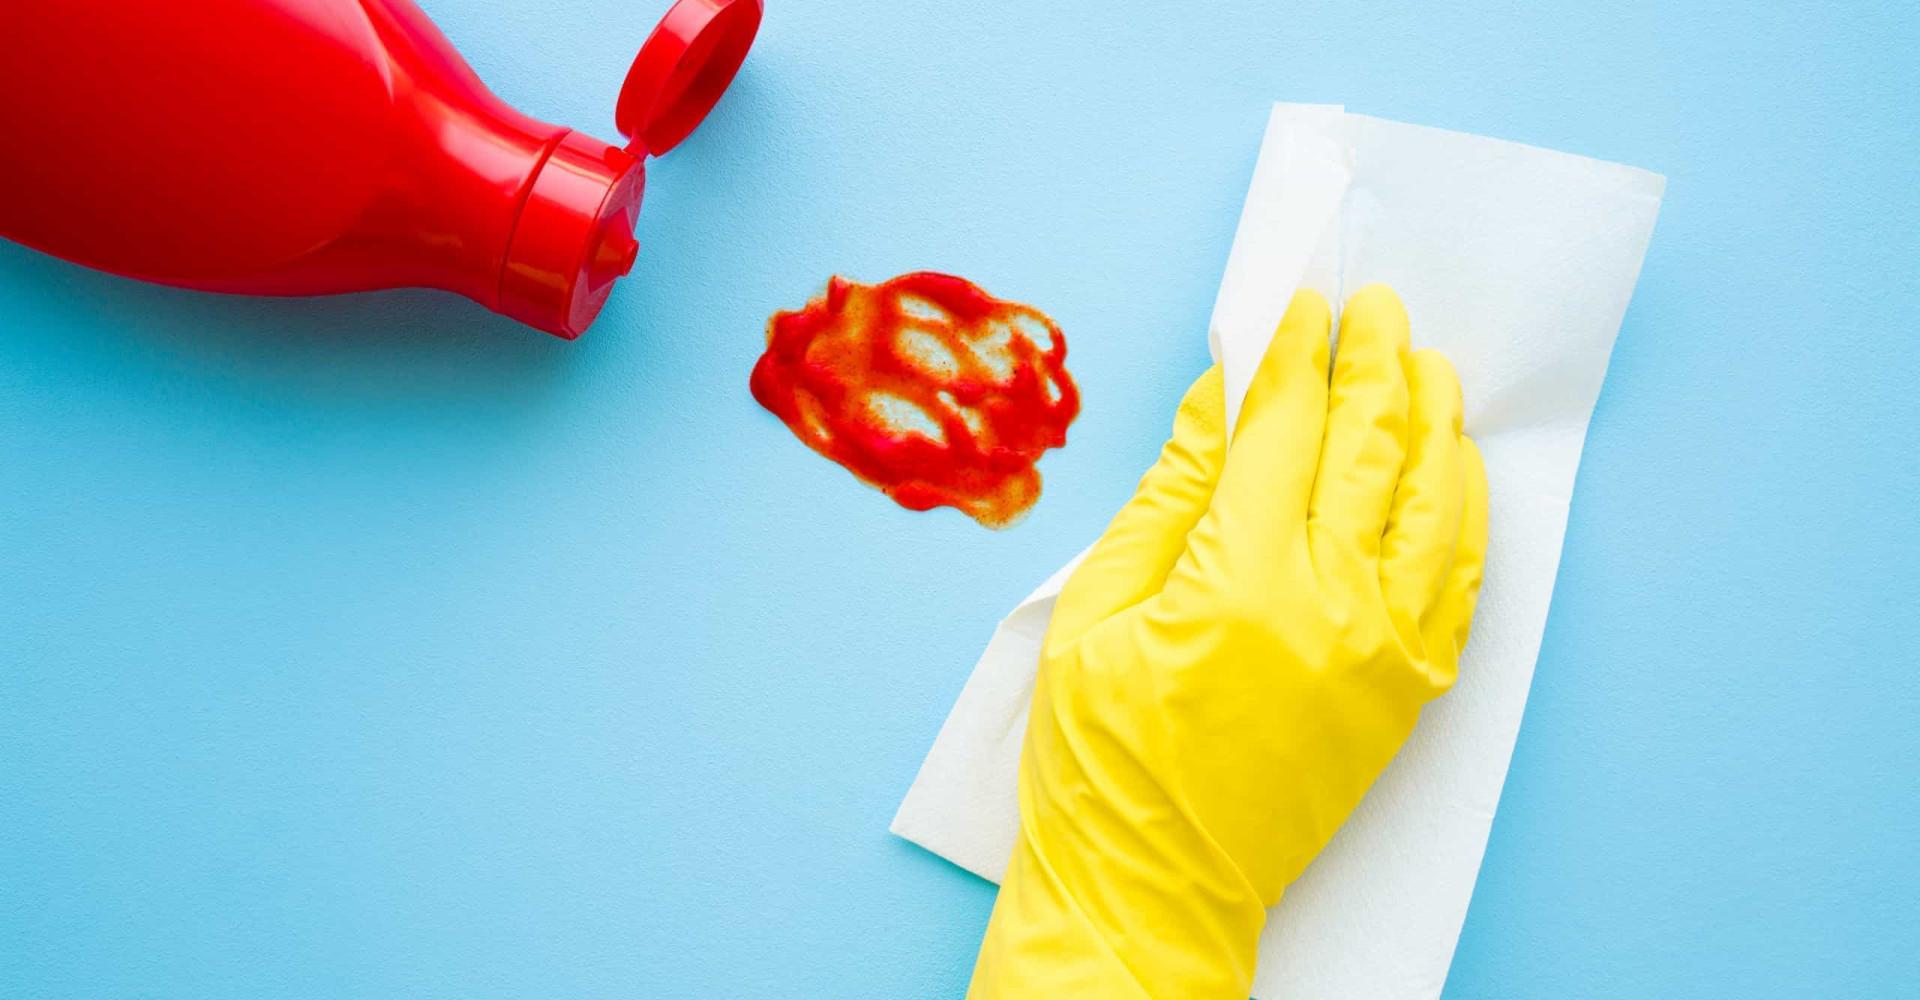 Schoonmaken met ketchup? Het kan echt!